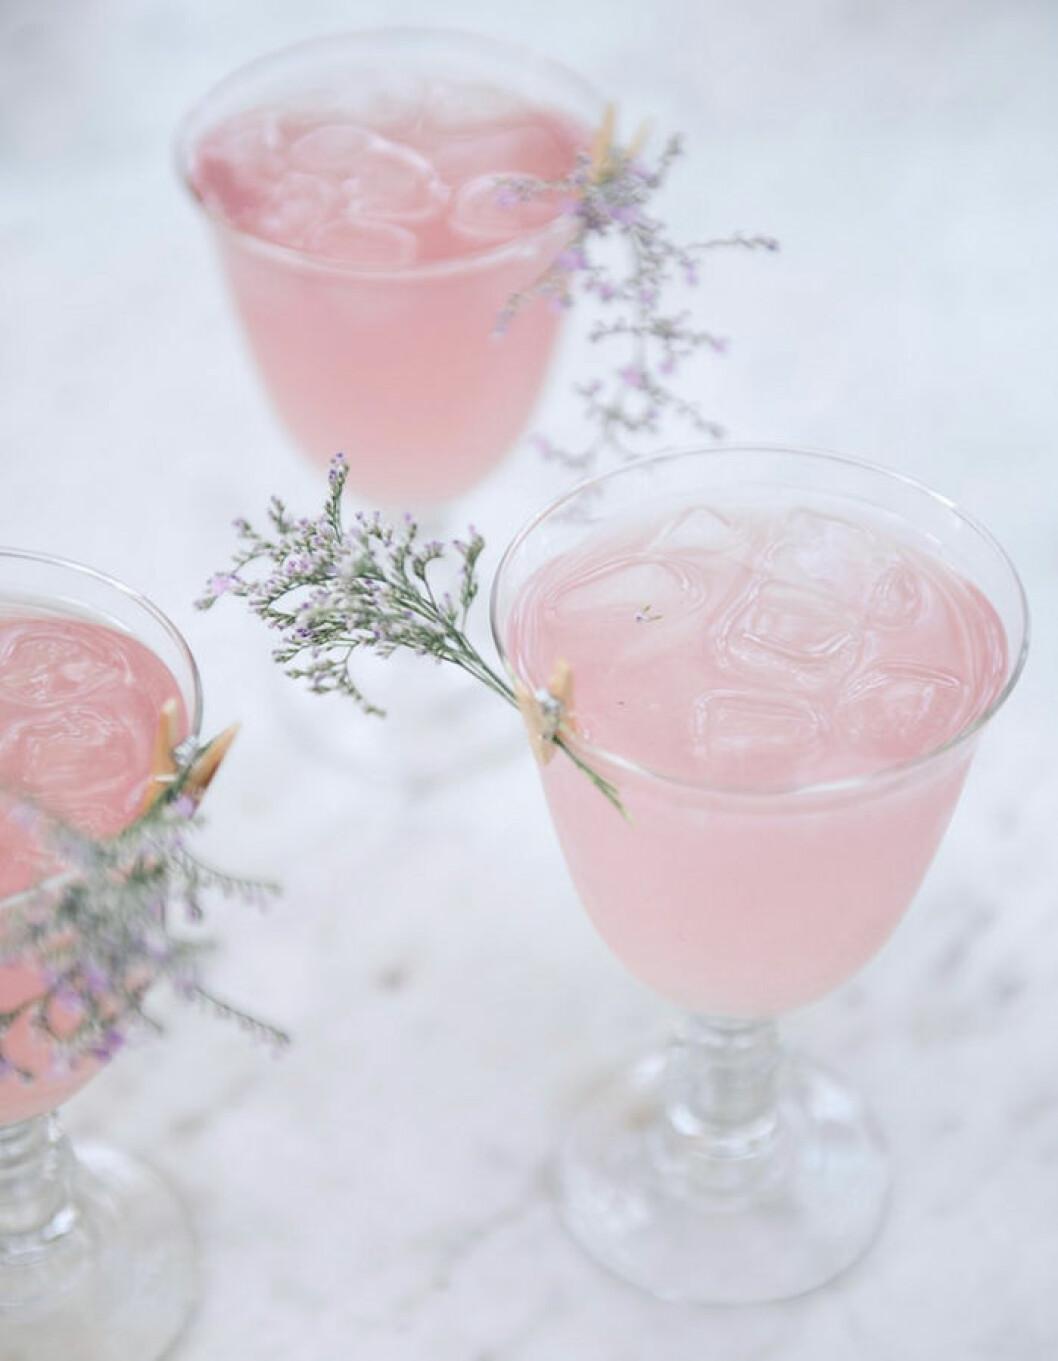 Recept på en rosig drink med smak av hallon och apelsin.